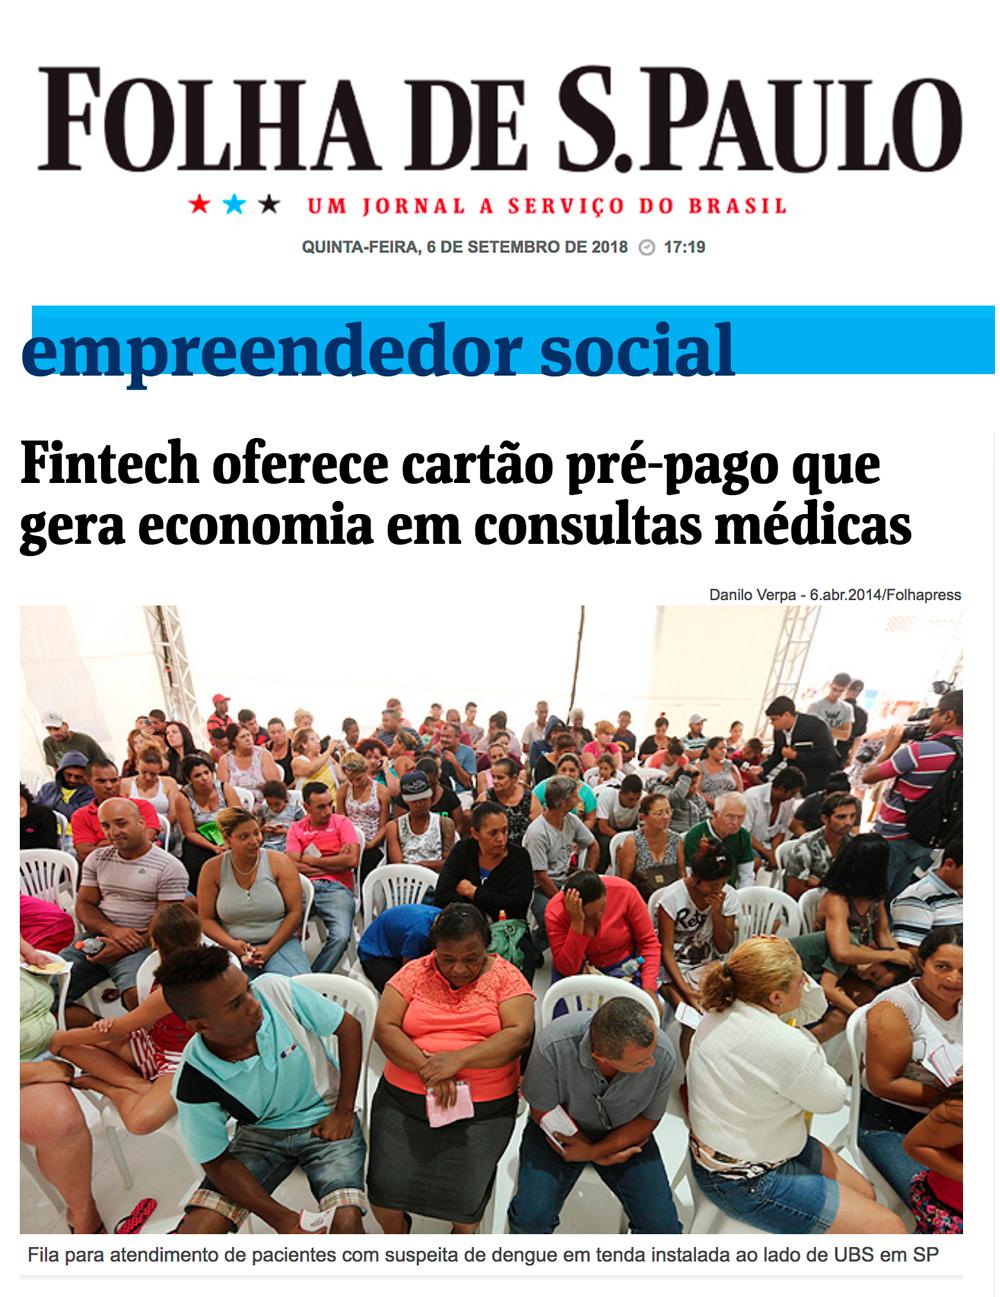 Folha-de-S.-Paulo (1).jpg